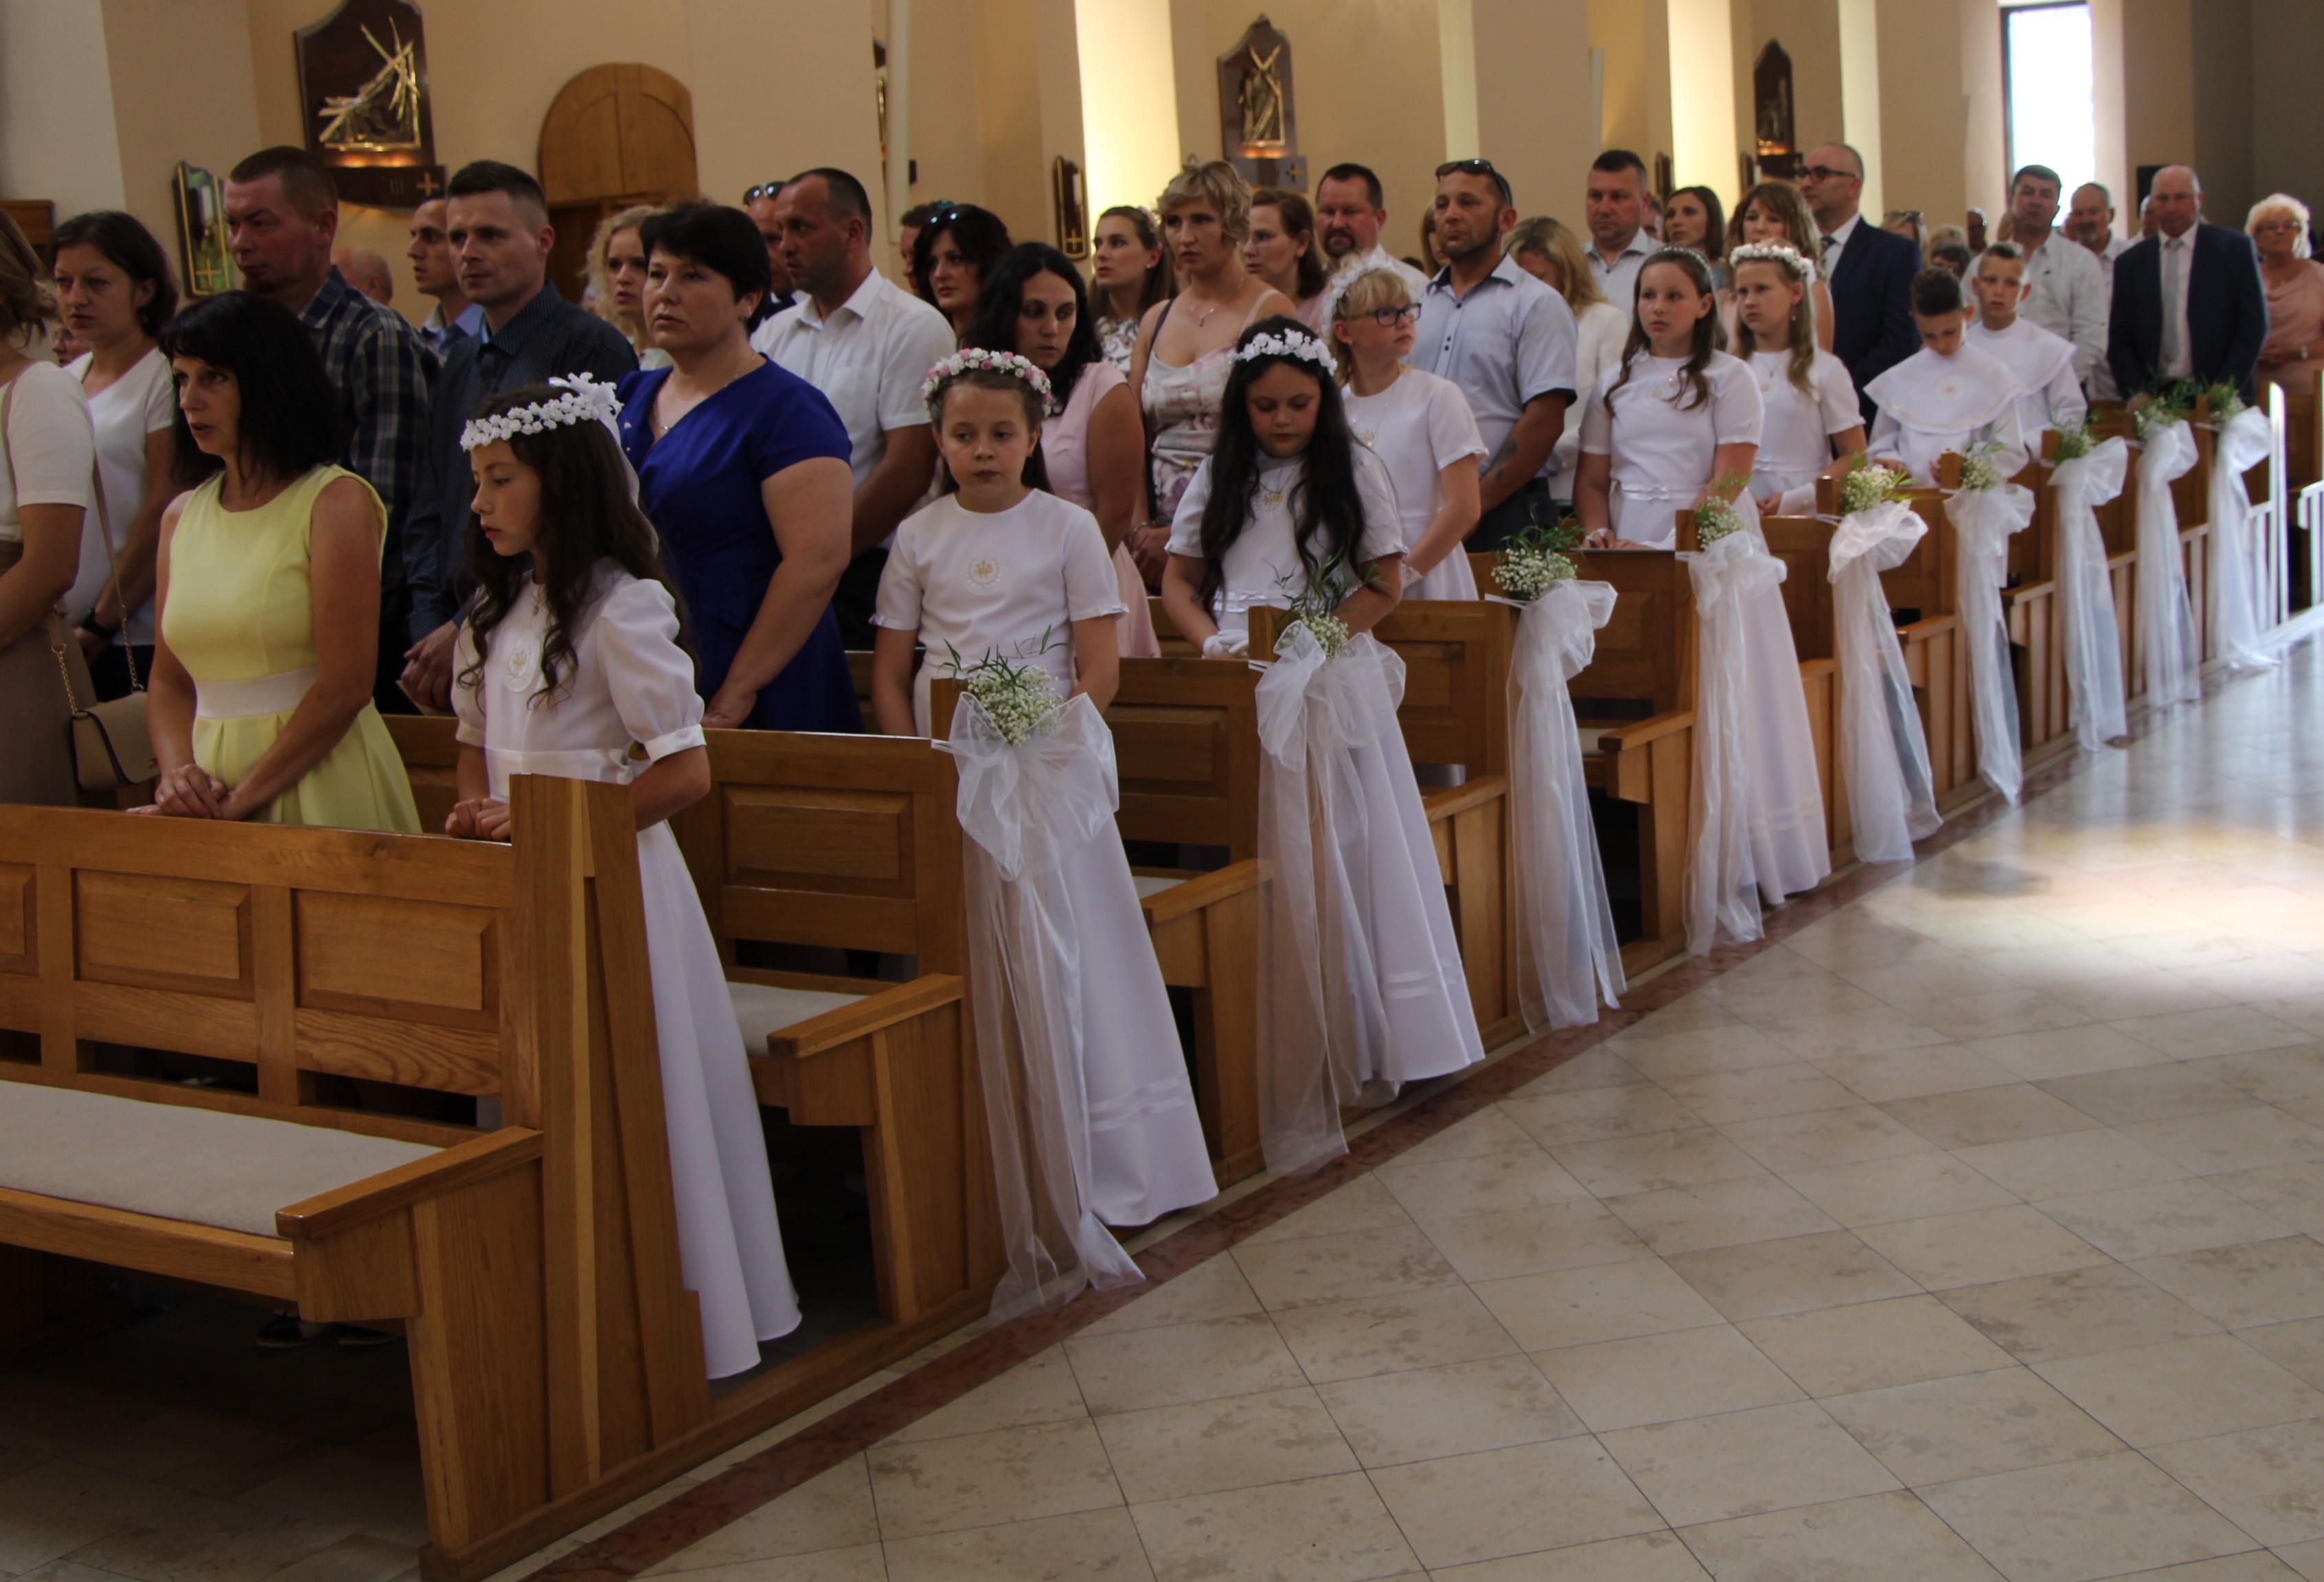 Koniec sezonu komunijnego w Lubartowie. Pierwsza komunia w parafii Wniebowstąpienia Pańskiego - Zdjęcie główne